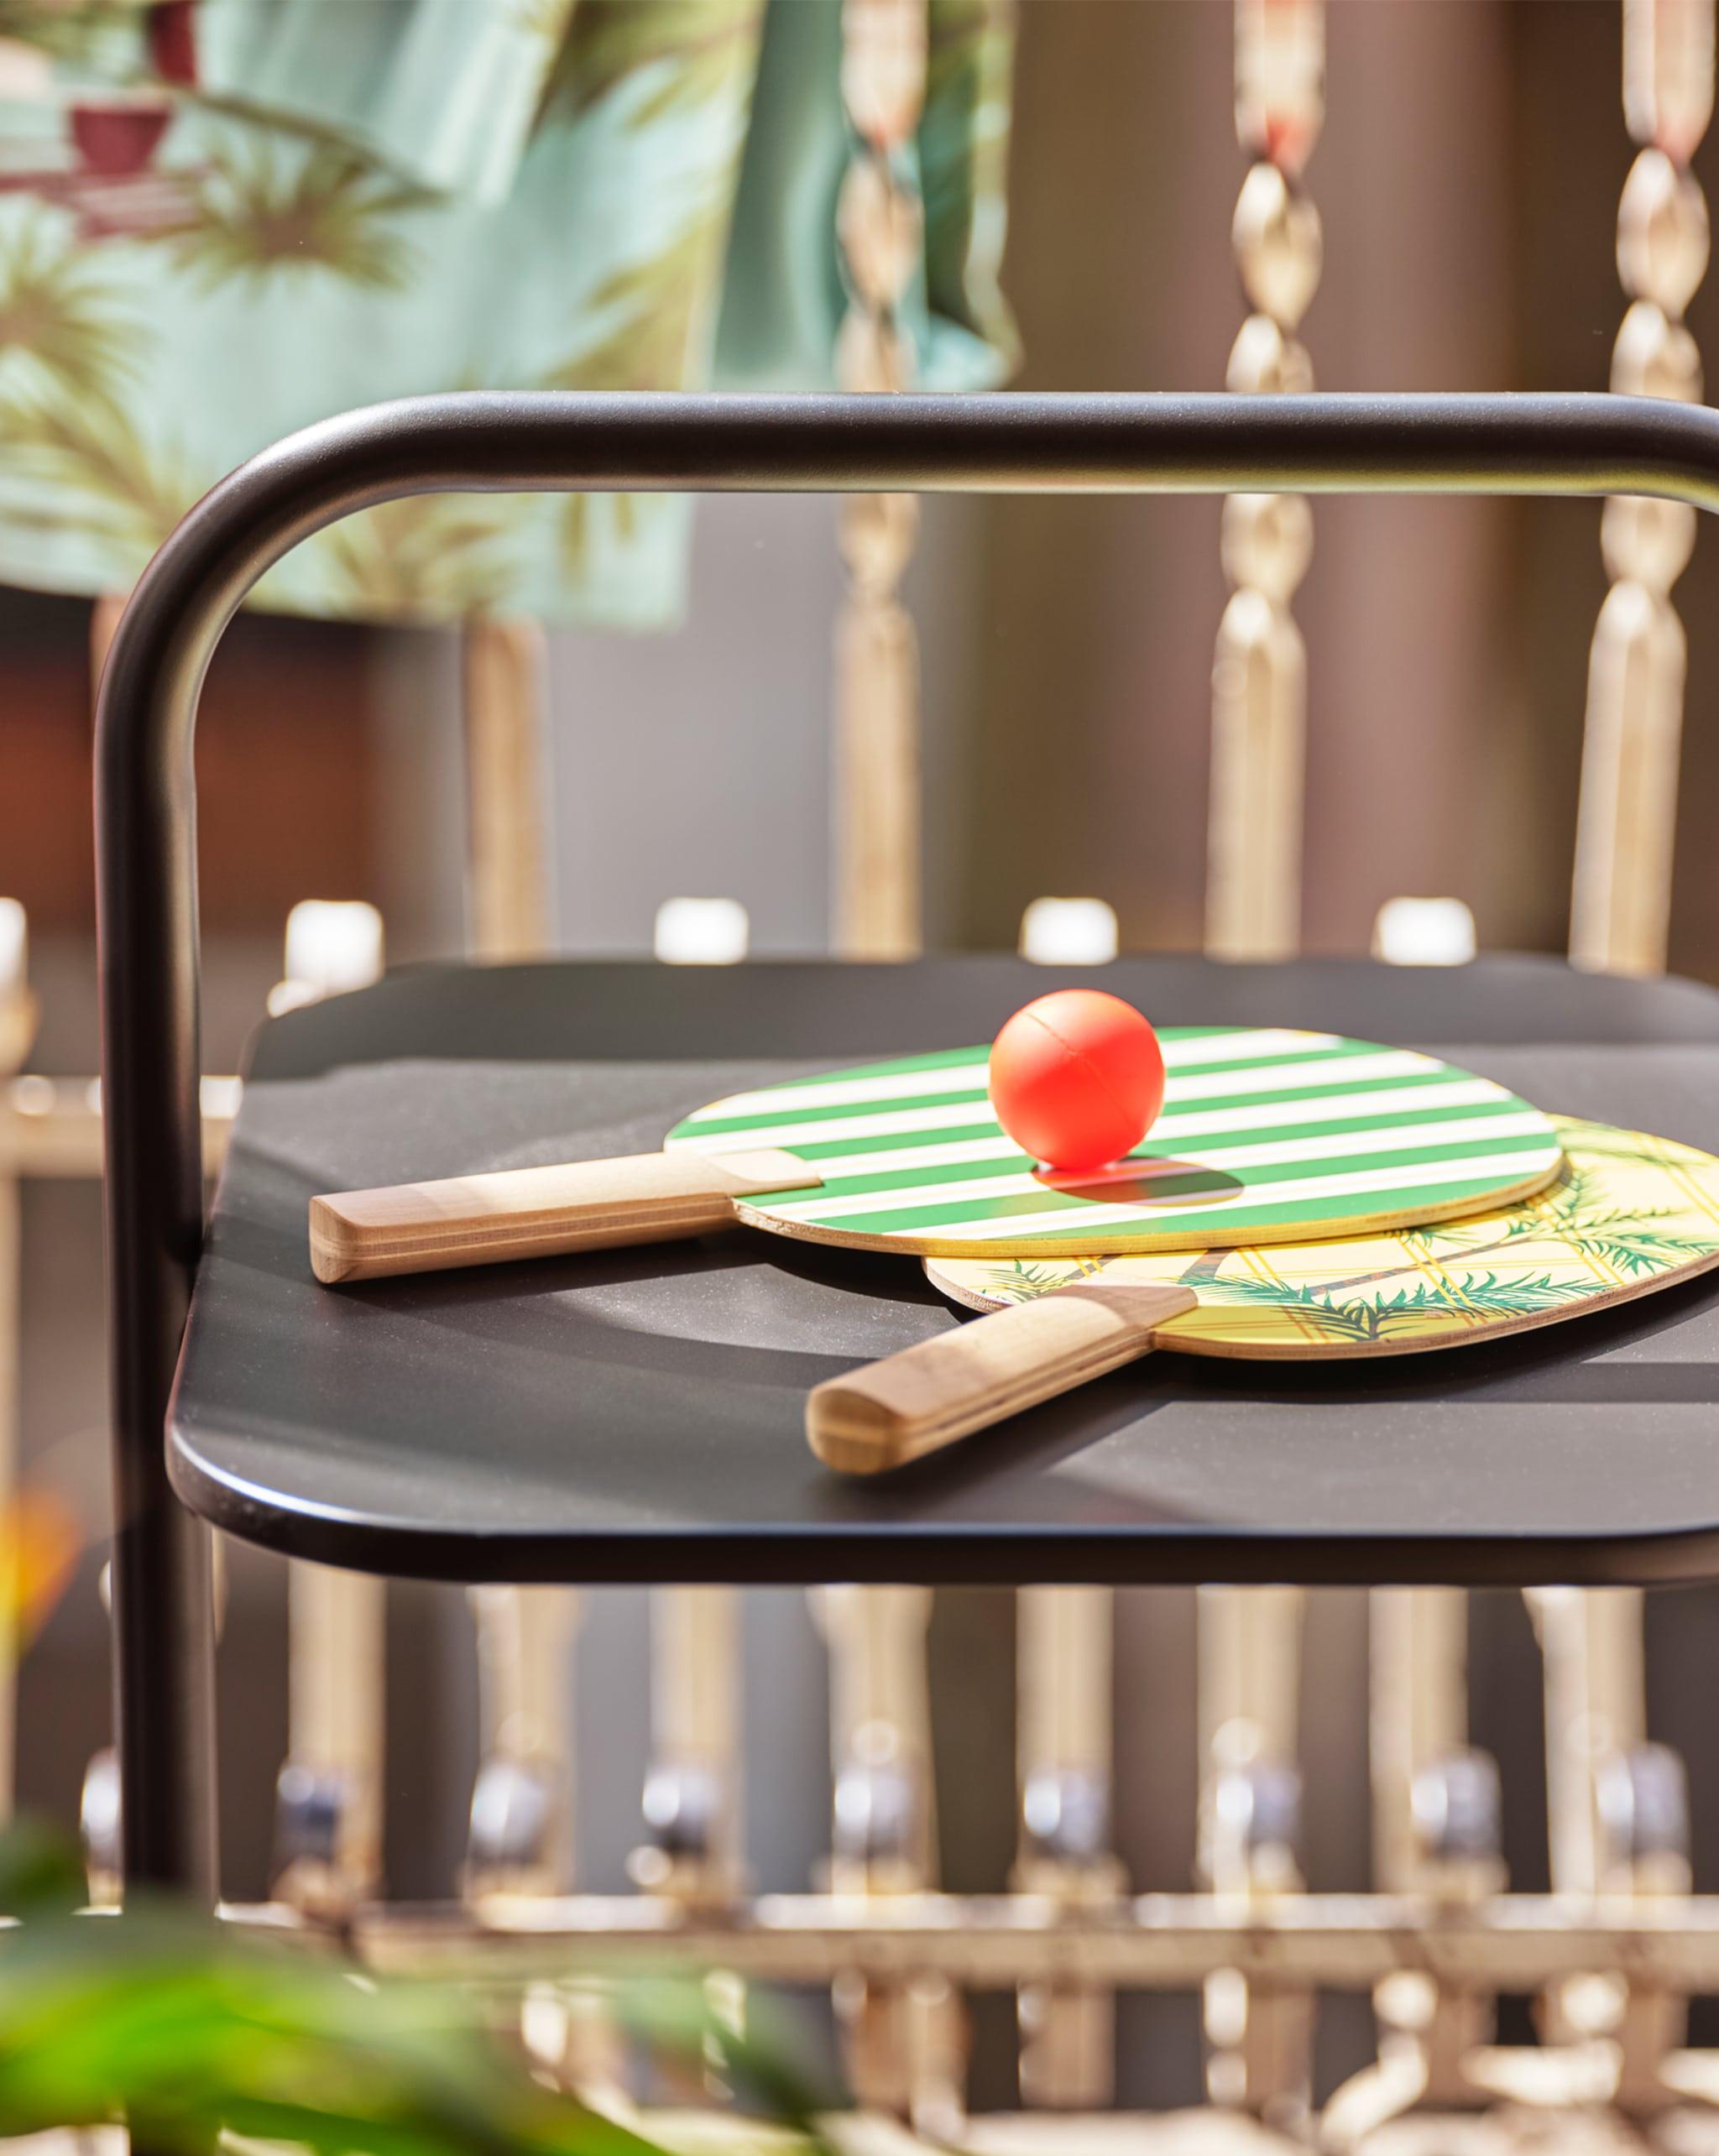 露台上的黑色檯上有兩塊綠色和黃色印花球拍和一個乒乓球。